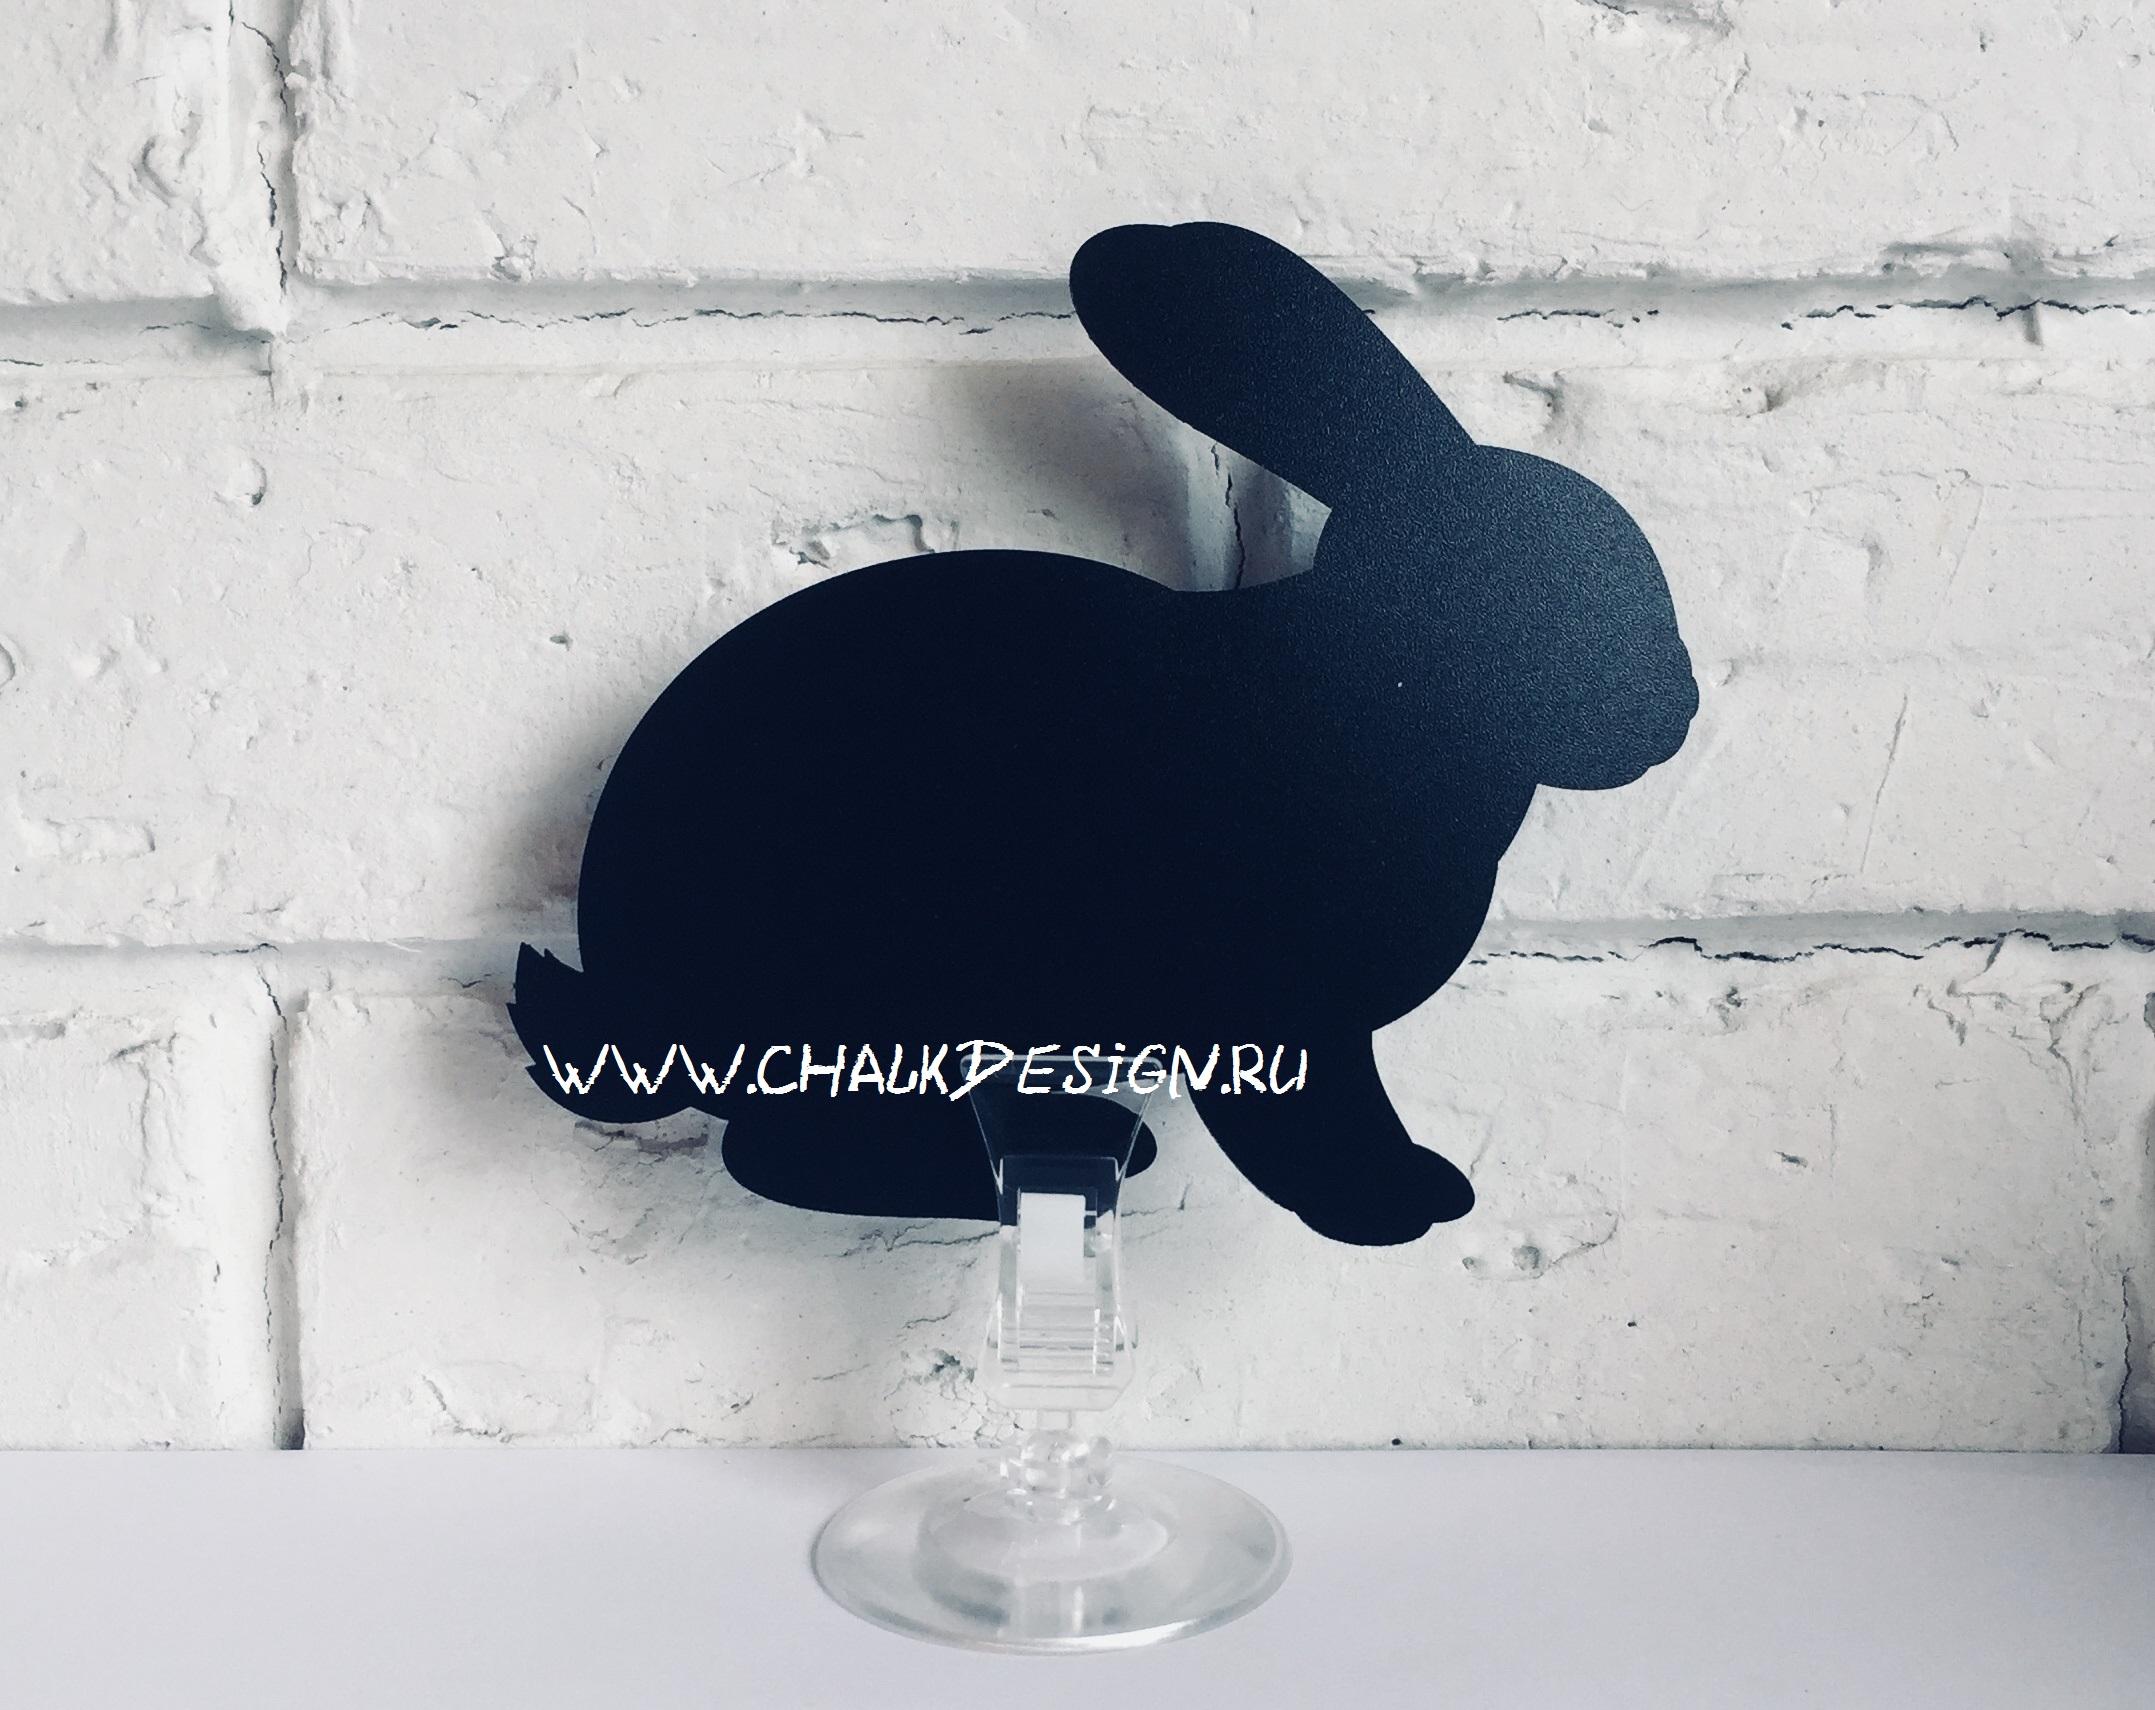 Меловой ценник Кролик.jpg